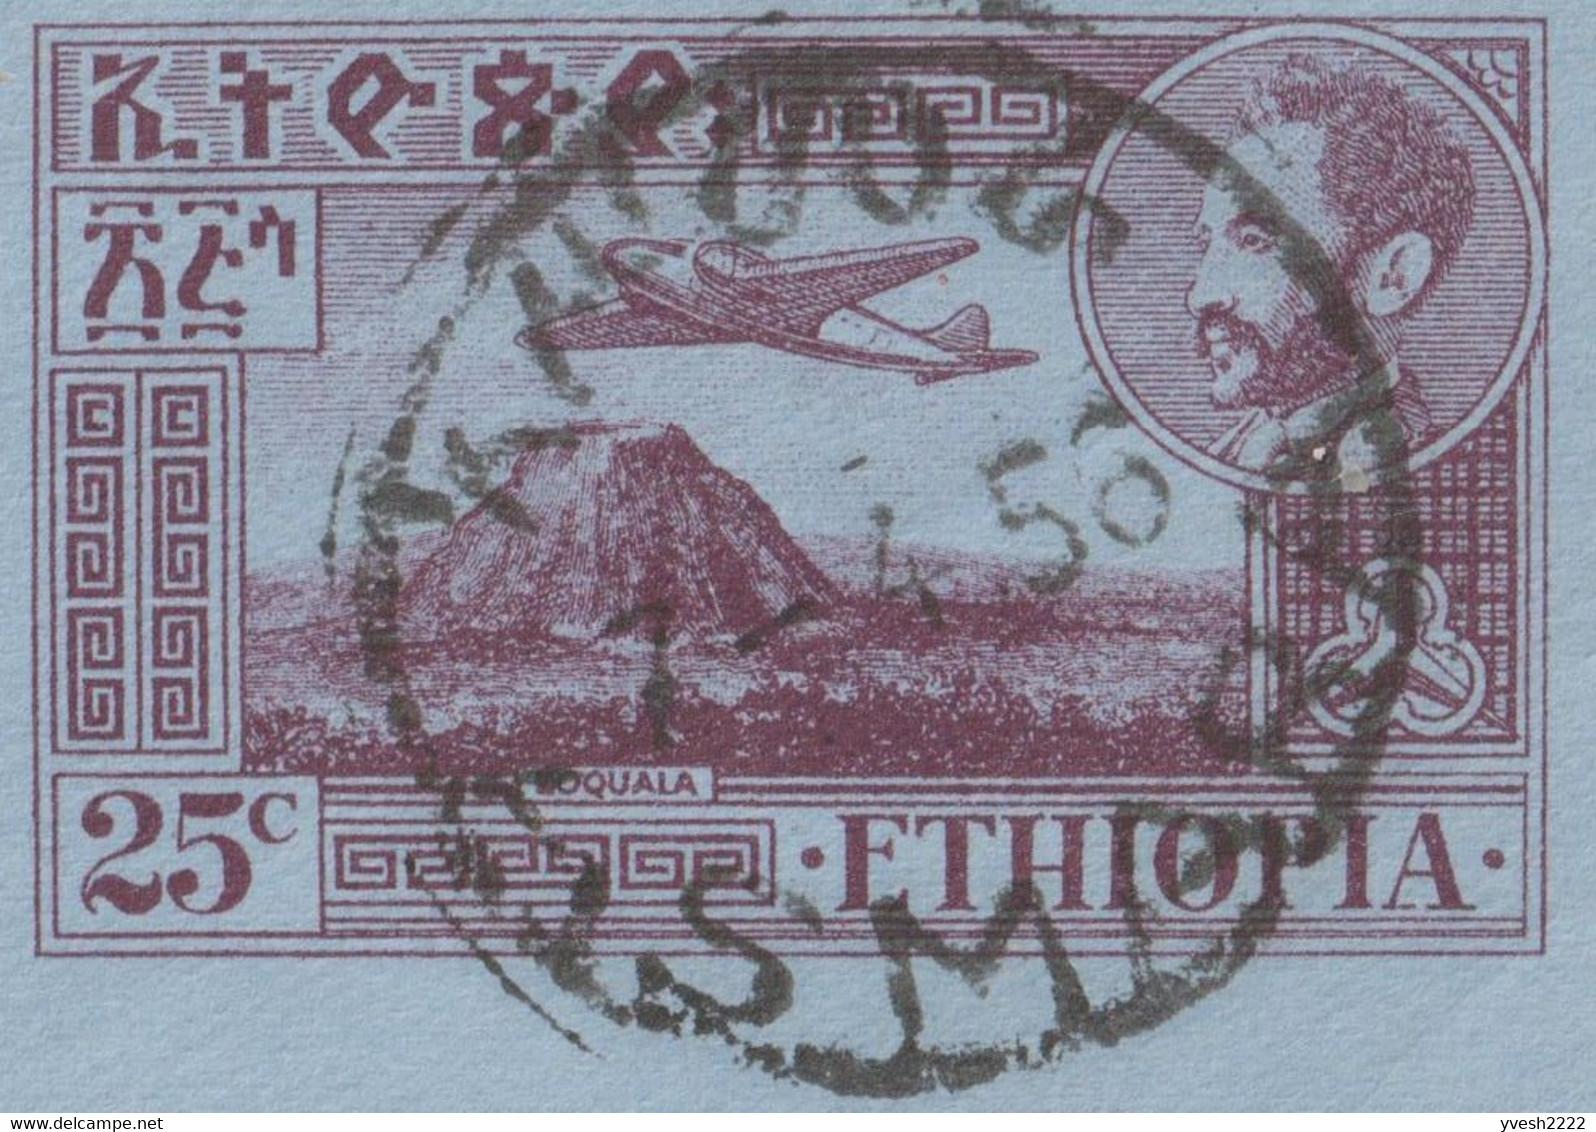 Éthiopie 1956. Aérogramme à 25 C, Asmara à Detroit. Taxé 21 C. Avion Et Volcan Zoqala (Erta Ale) - Volcanes